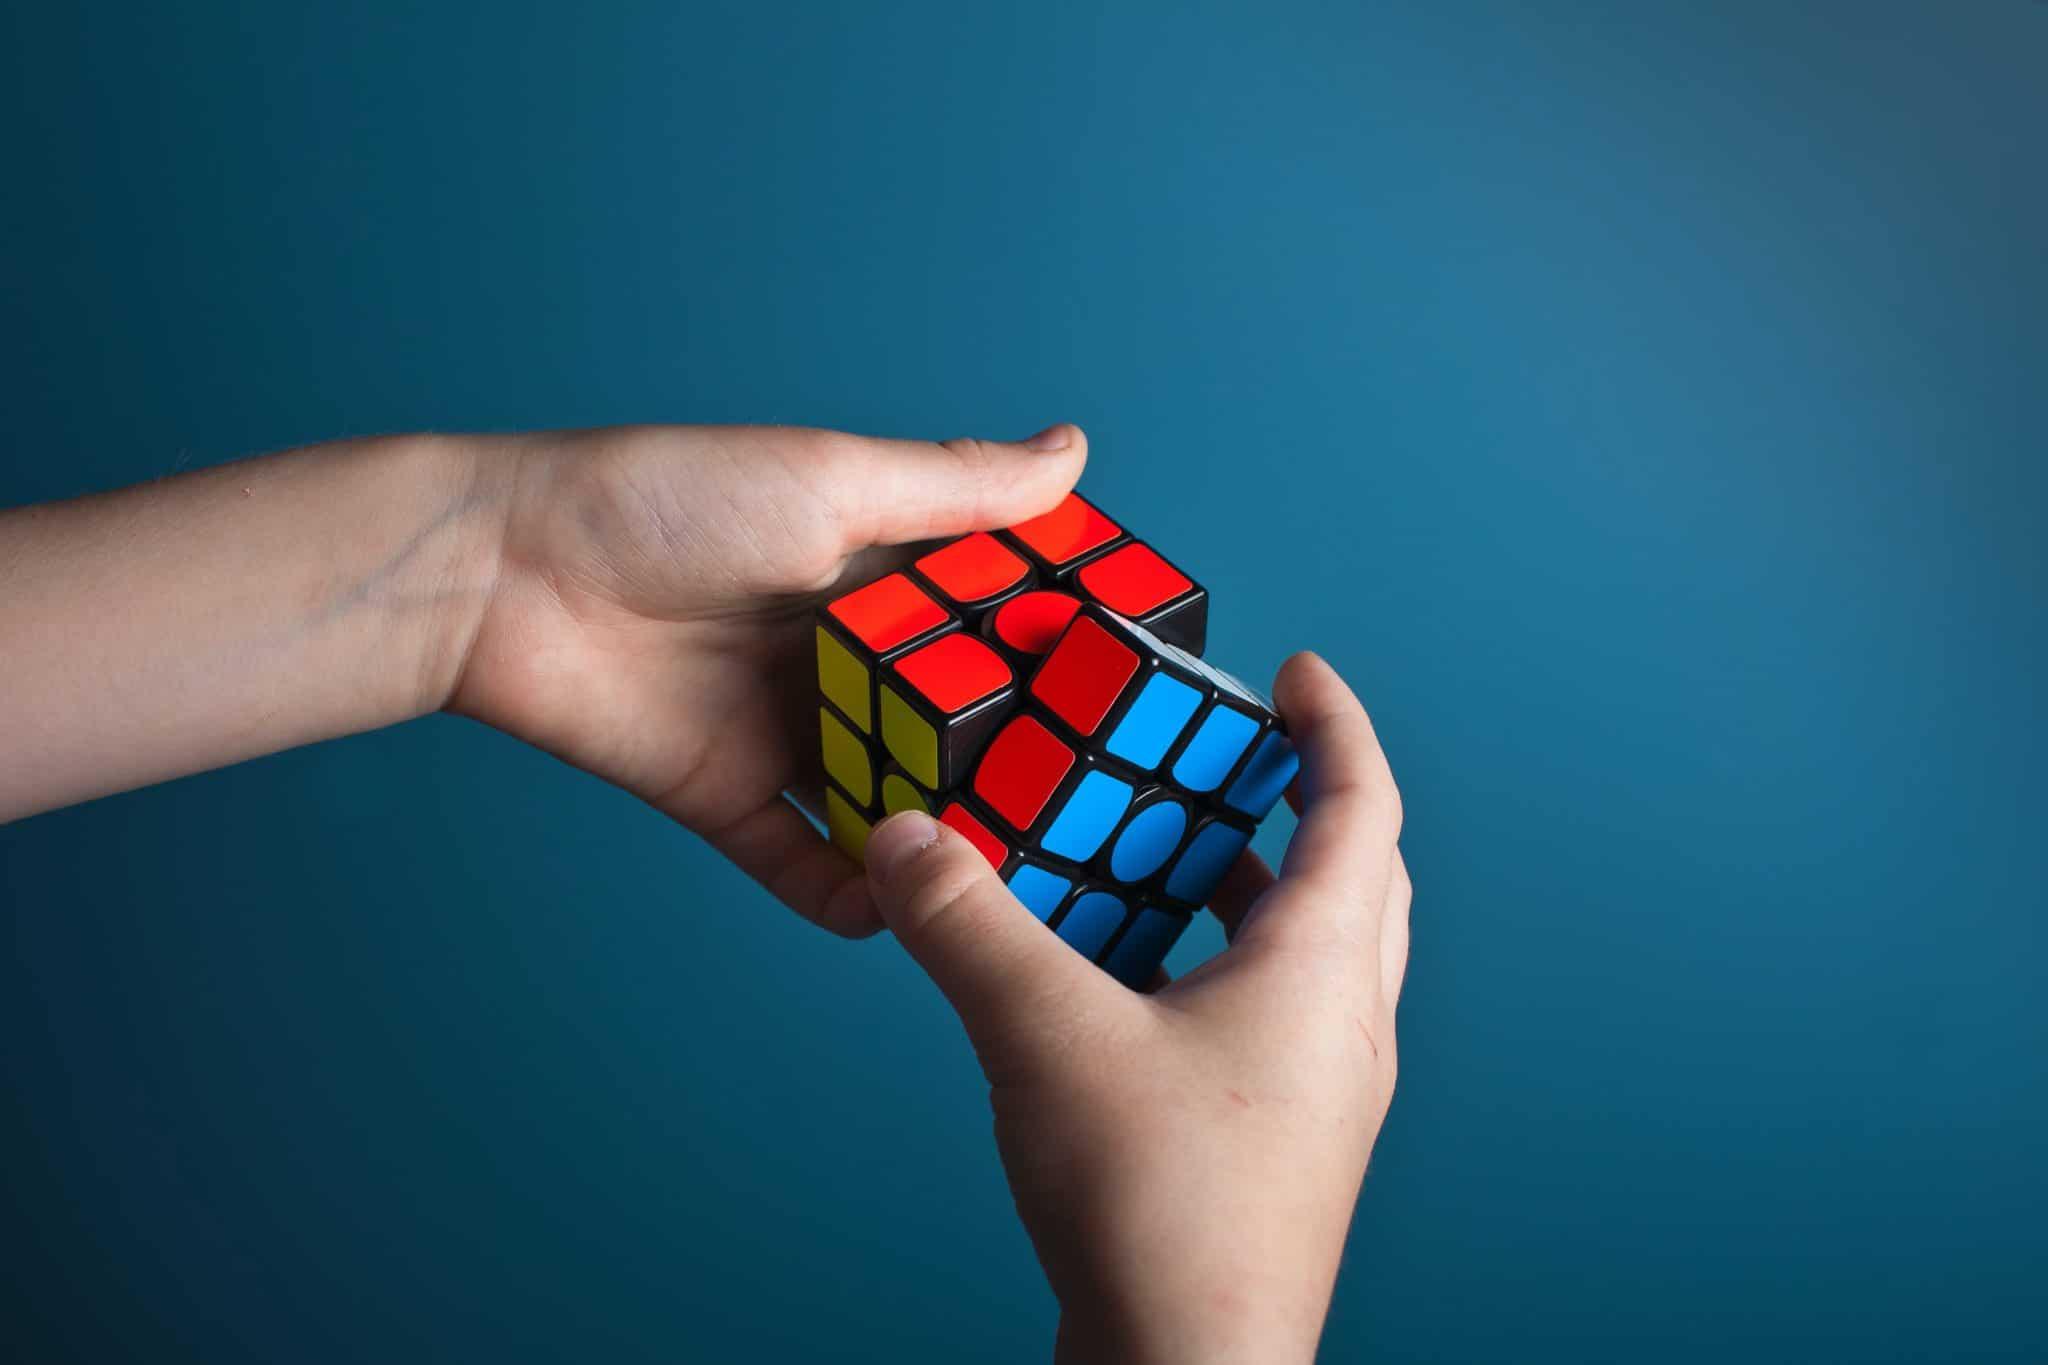 Problemi e-commerce, risolviamoli insieme